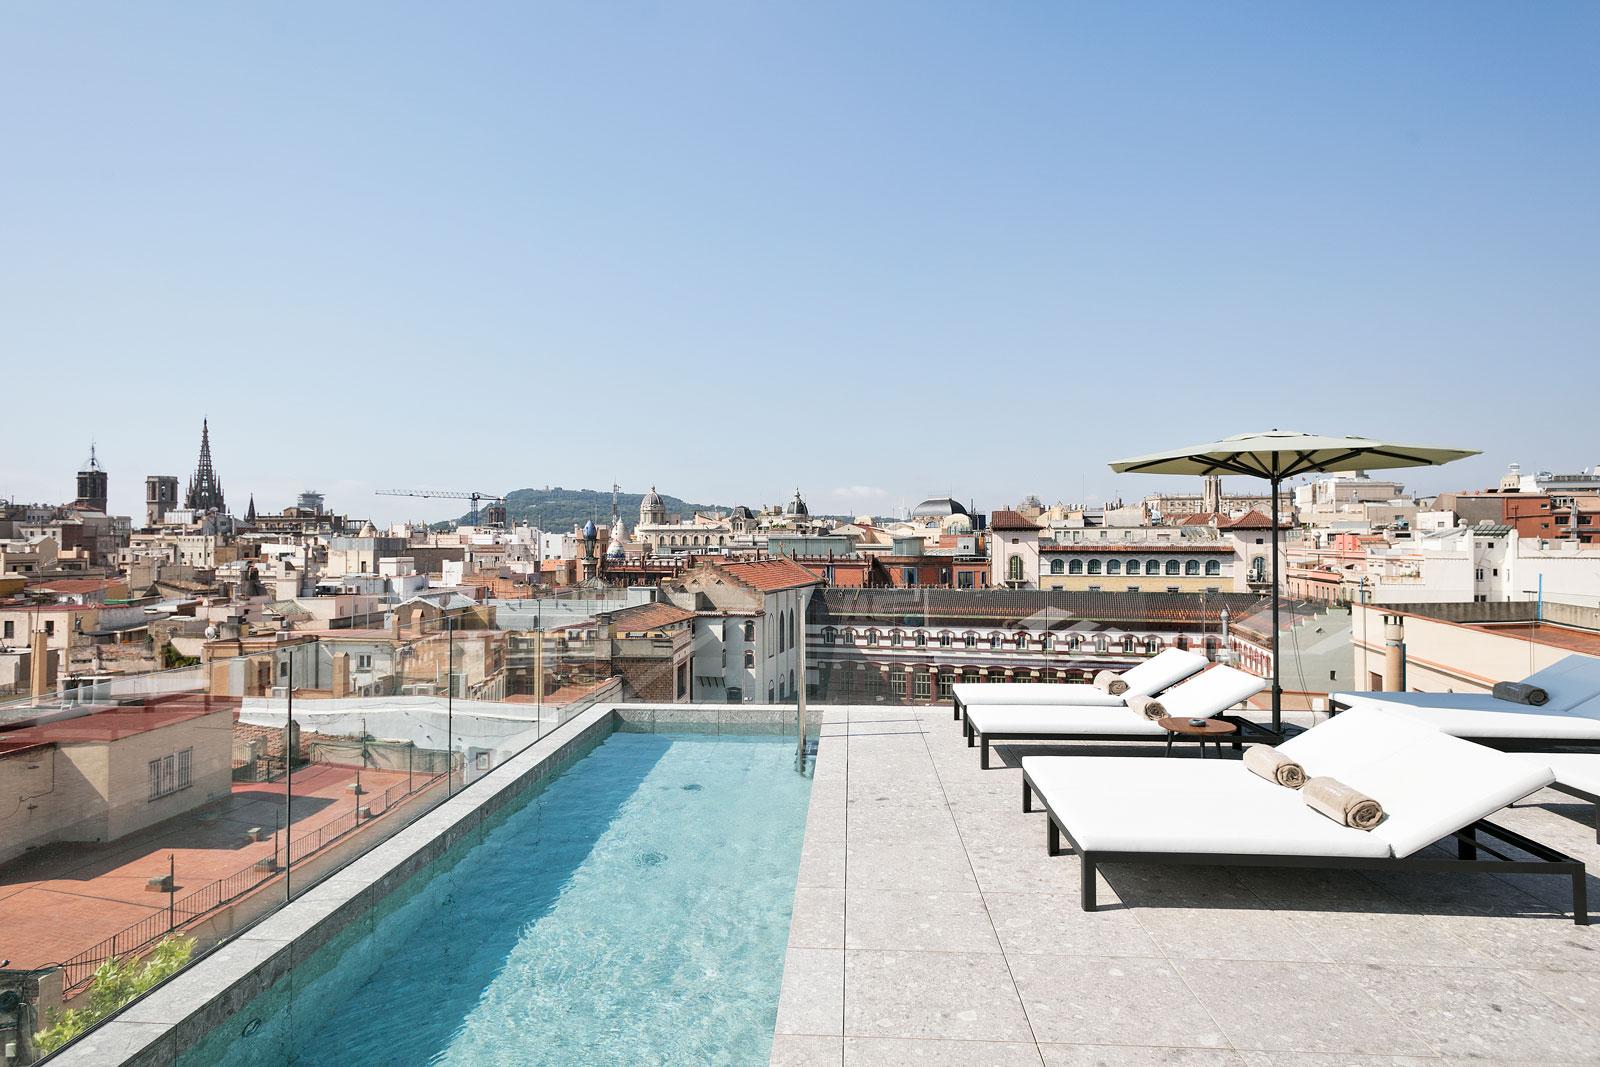 Origorooms Portal Turismo Sostenible hoteles ecológicos España